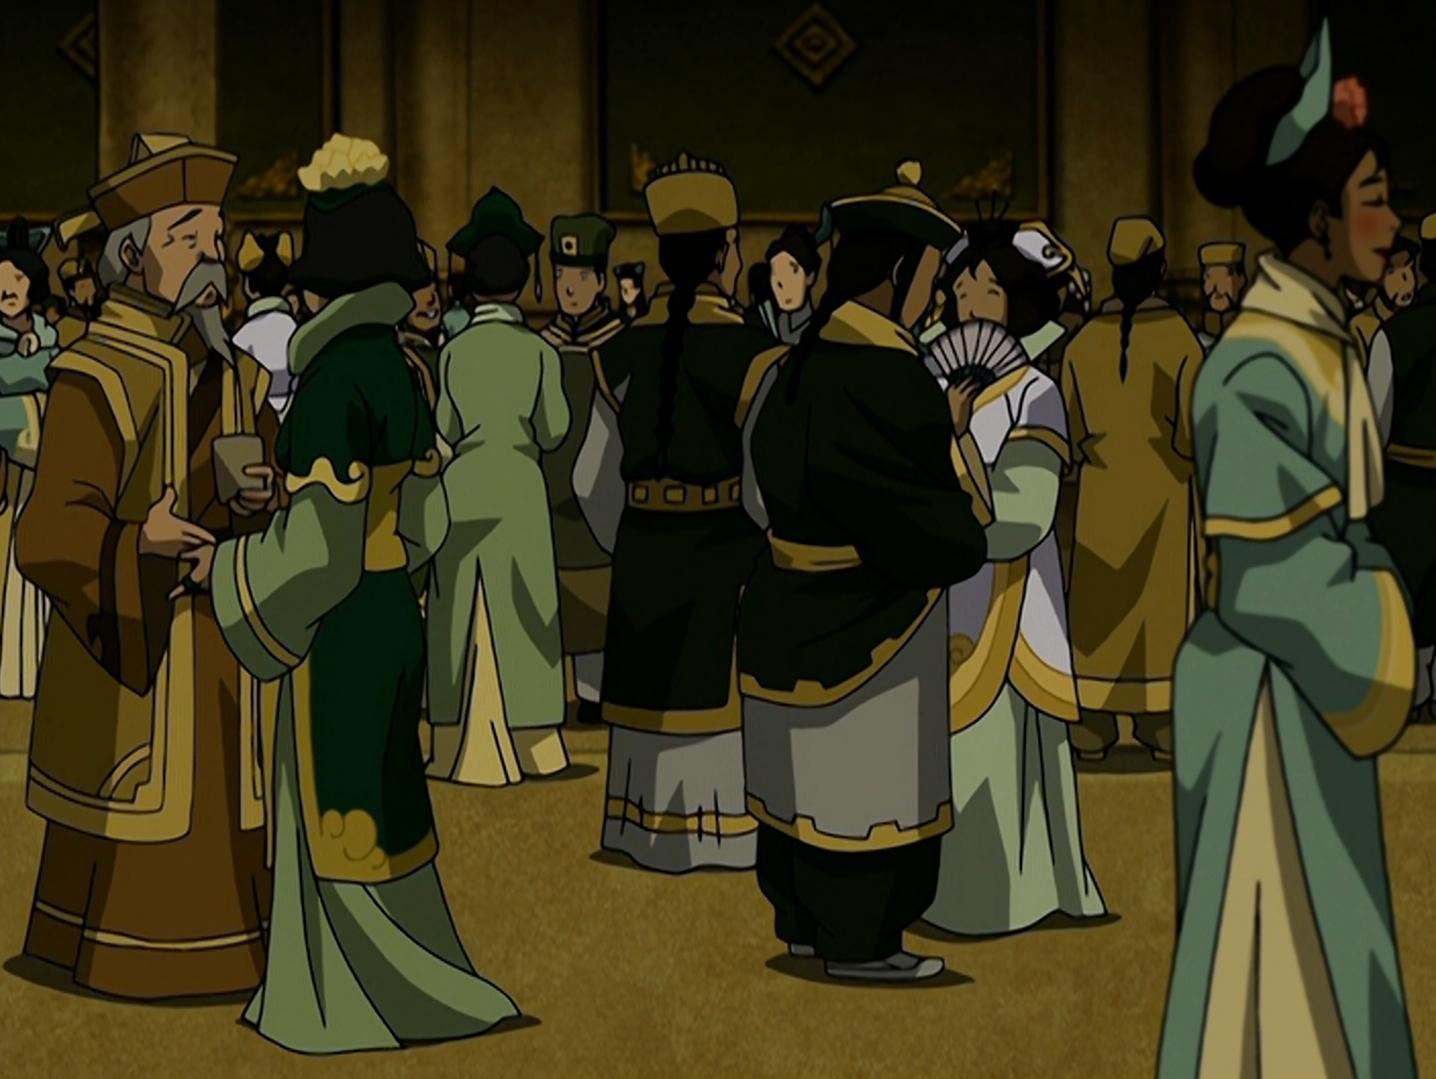 Erdkönigreichkleidung